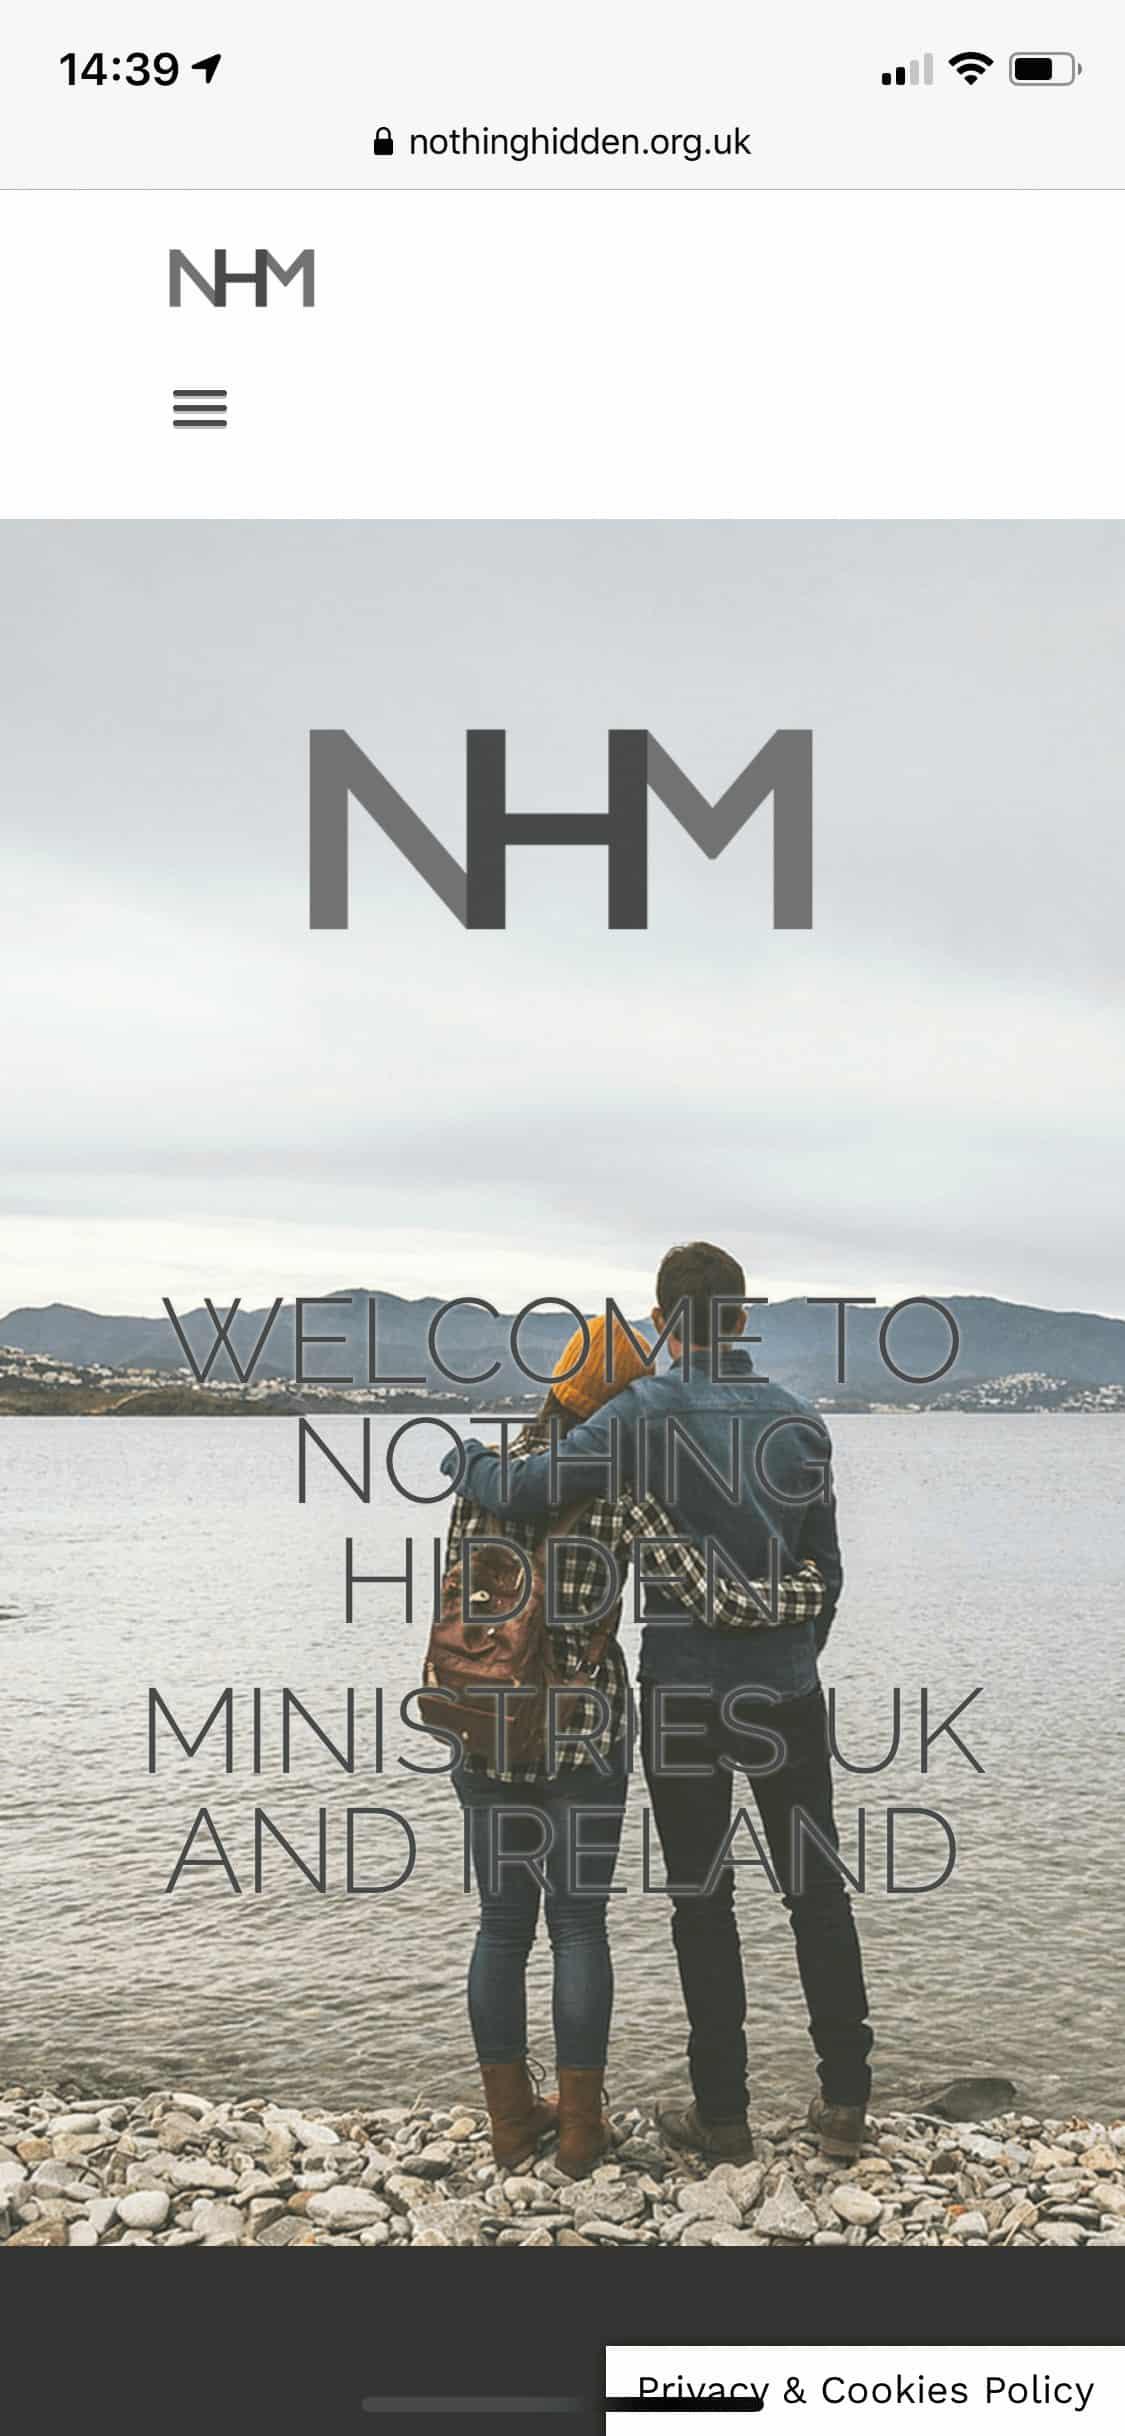 NHM mobile